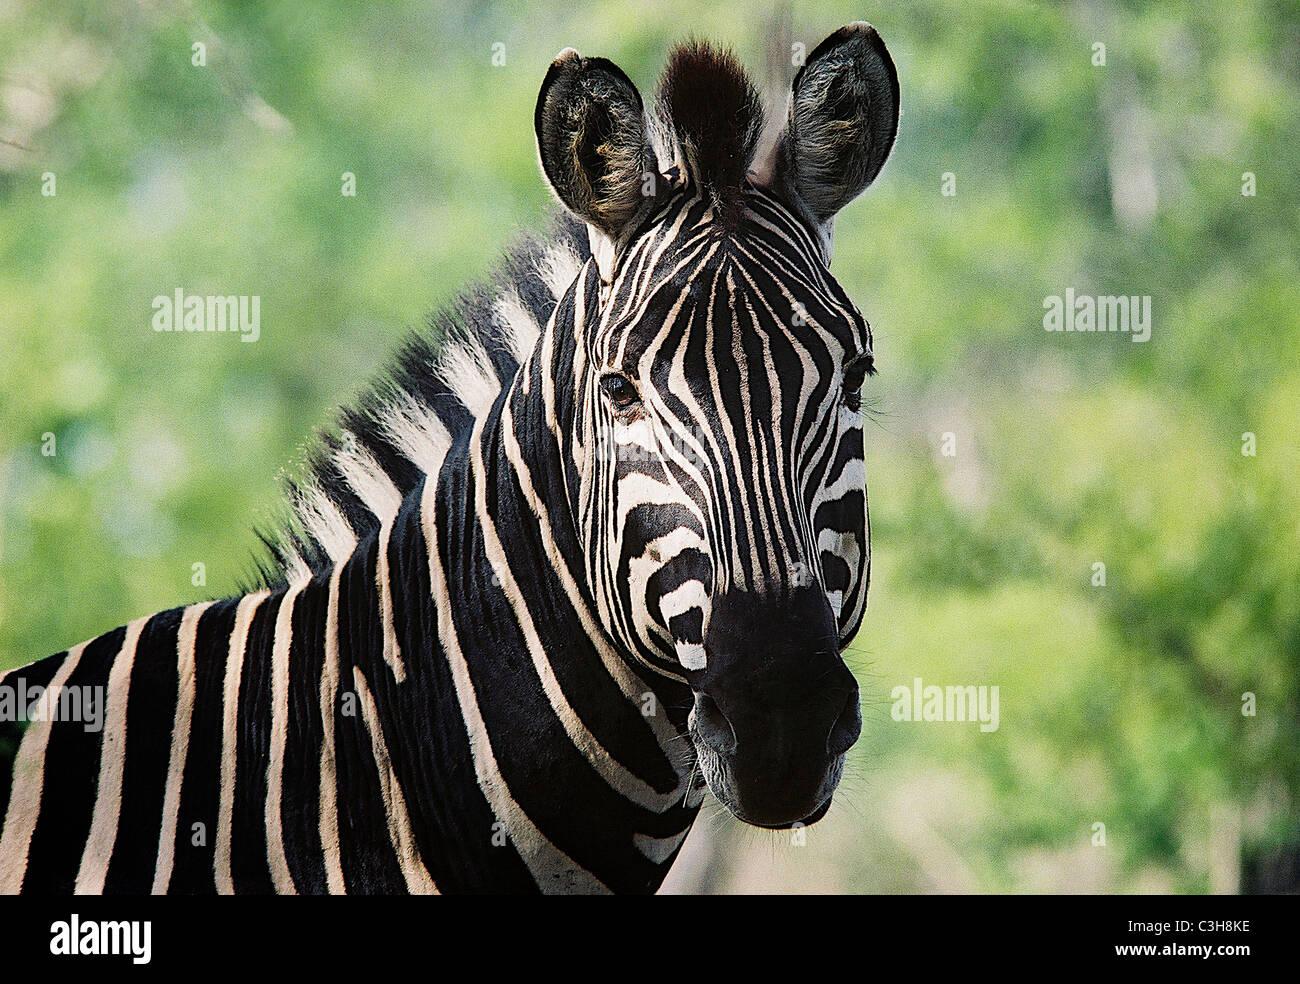 Zebra le zèbre de Burchell (Equus burchellii) Mala mala Afrique du Sud Photo Stock